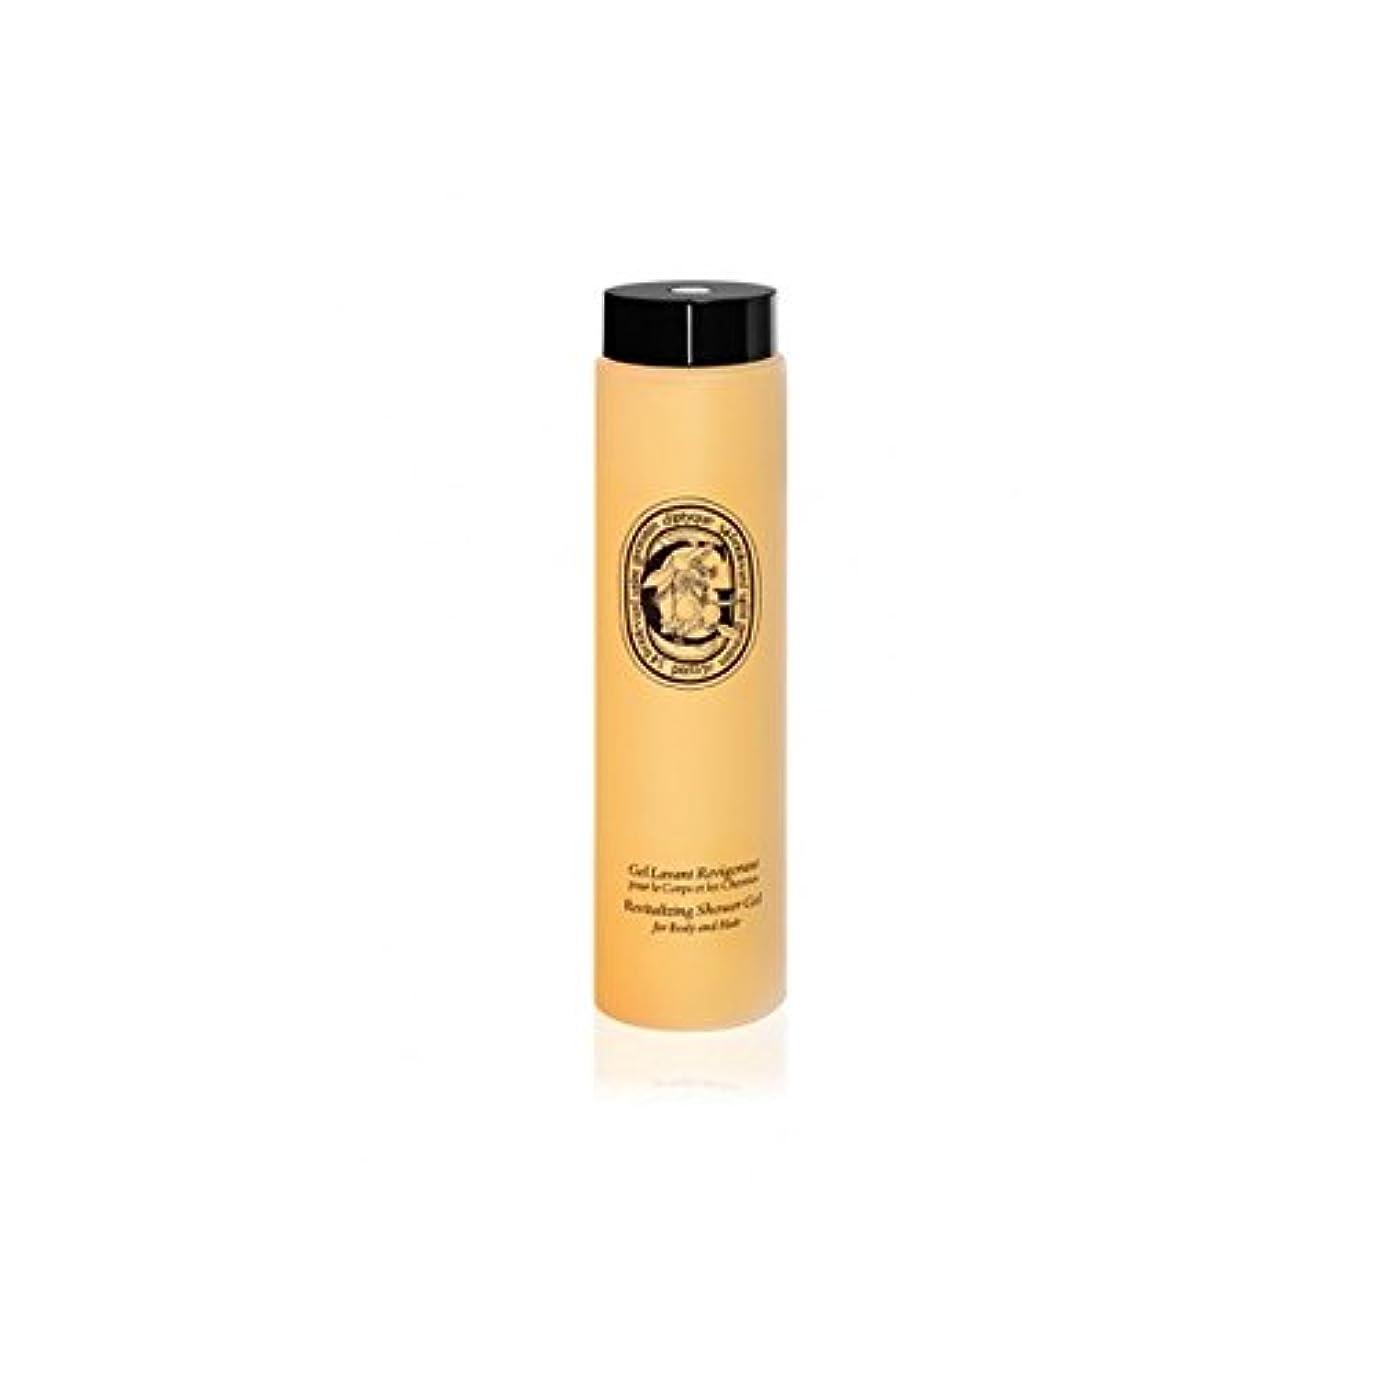 ハドル共和国ビデオボディ、ヘア200ミリリットルのためDiptyqueのリバイタライジングシャワージェル - Diptyque Revitalizing Shower Gel For Body And Hair 200ml (Diptyque...